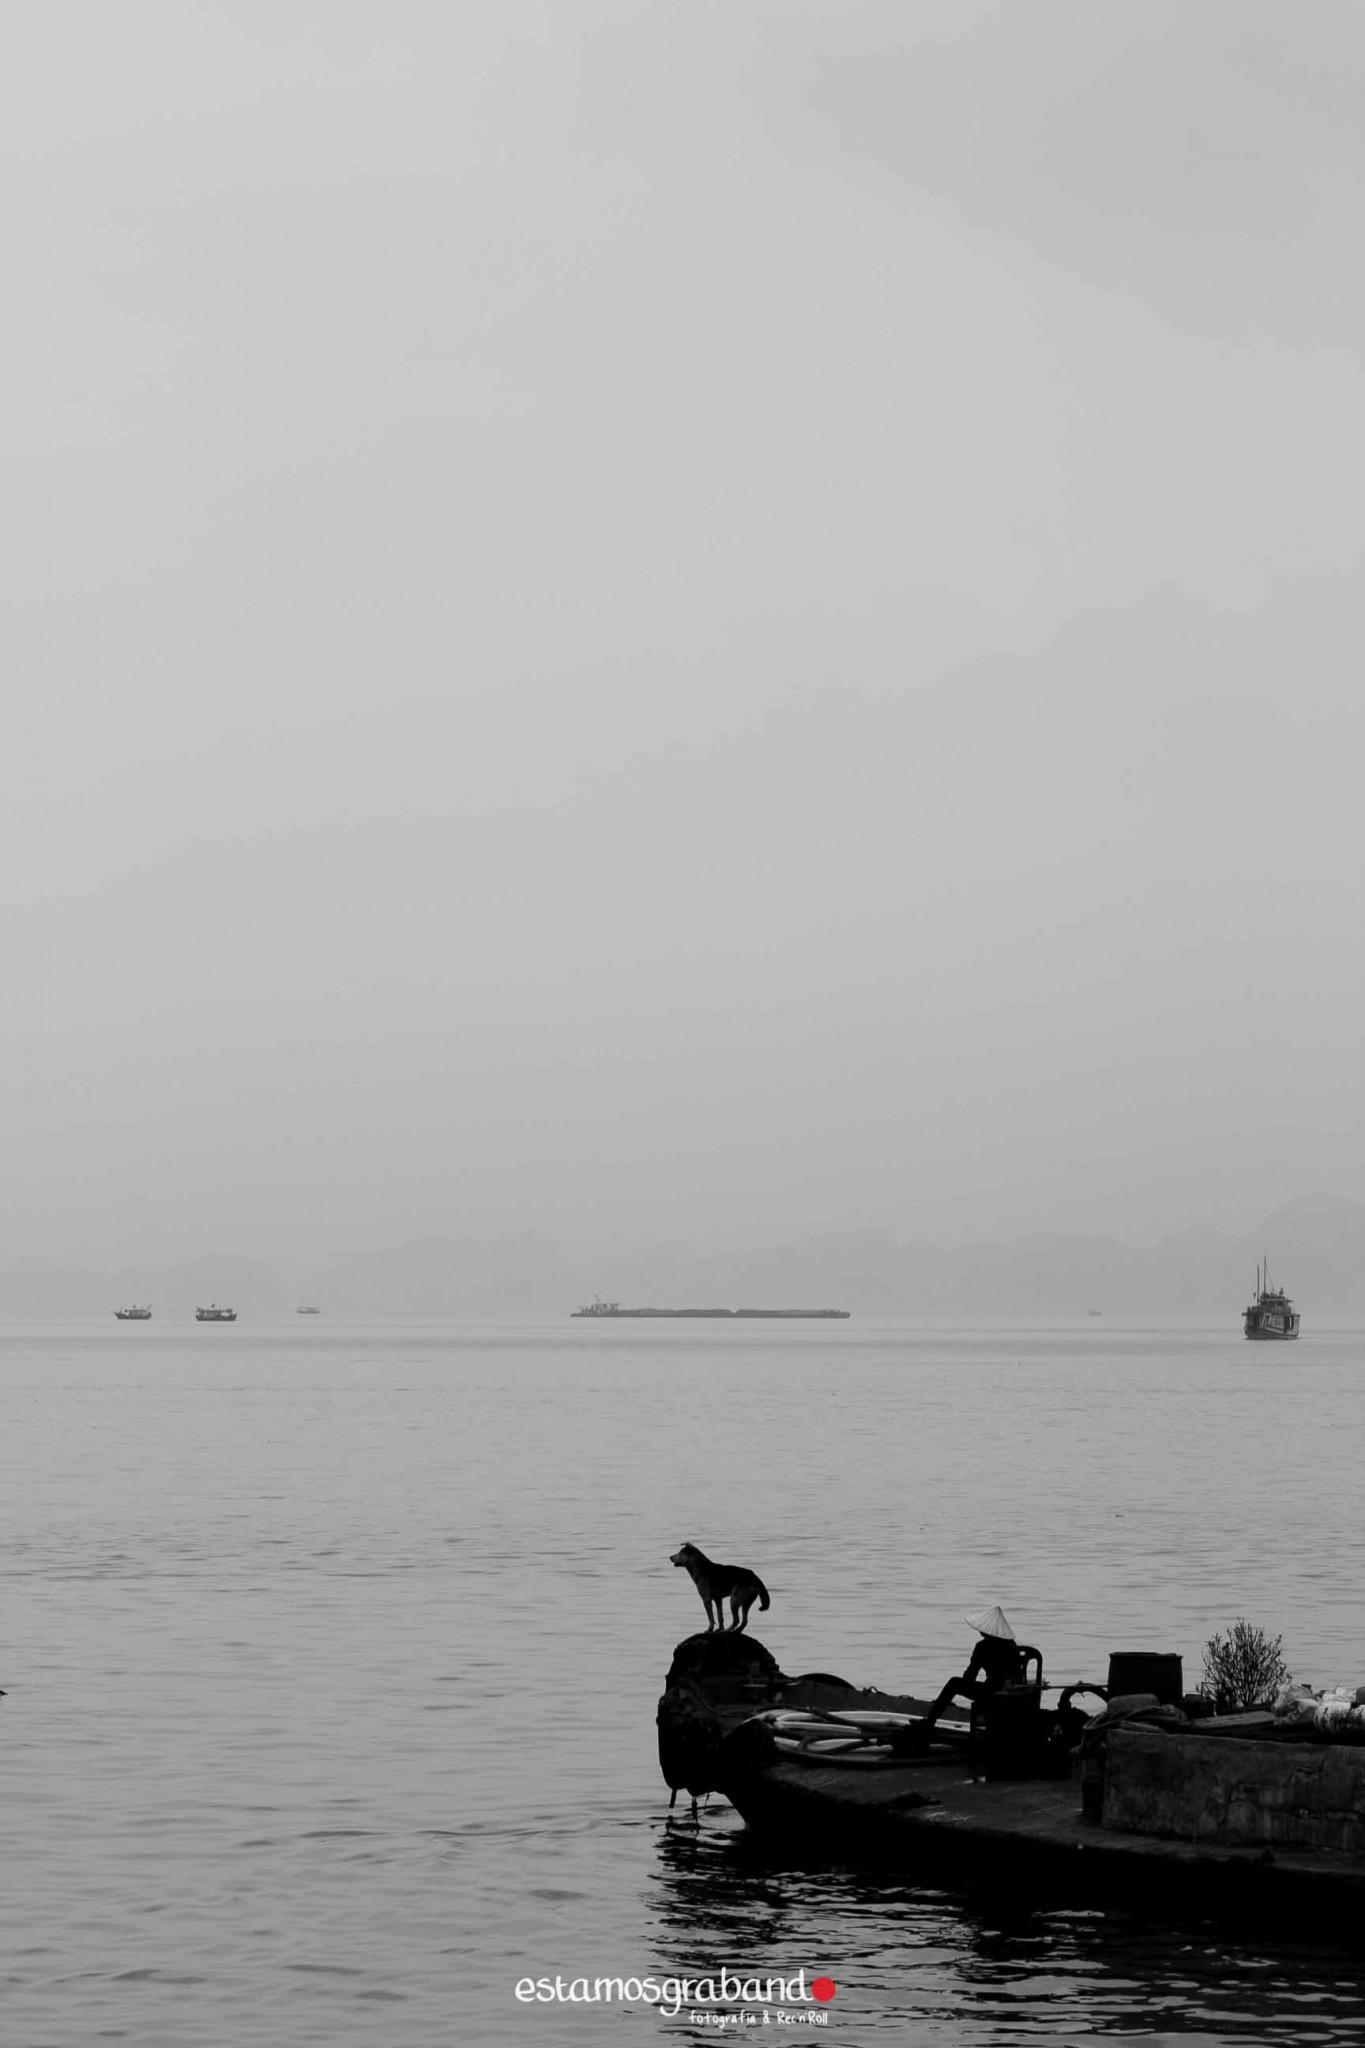 reportaje-vietnam_fotograficc81a-vietnam_estamosgrabando-vietnam_rutasvietnam_reportaje-retratos-fotos-vietnam_fotografia-vietnam_reportaje-estamosgrabando-fotograficc81a-vietnam-69 Pequeños grandes recuerdos de Vietnam en 100 imágenes - video boda cadiz